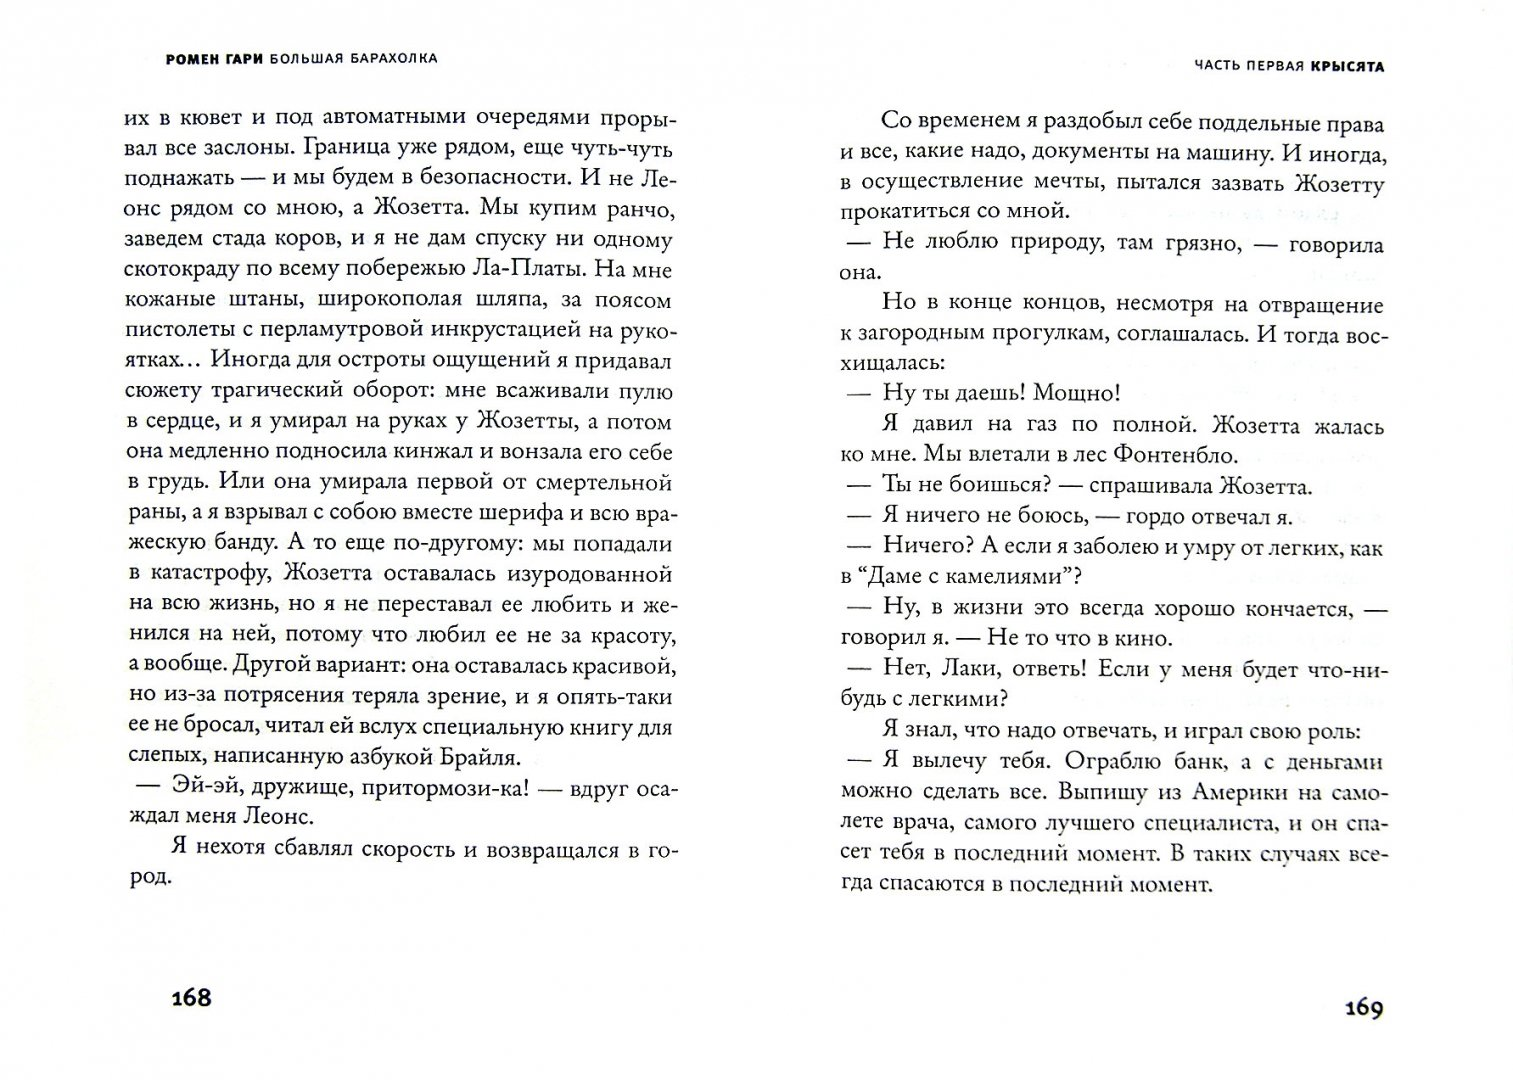 Иллюстрация 1 из 8 для Большая барахолка - Ромен Гари | Лабиринт - книги. Источник: Лабиринт